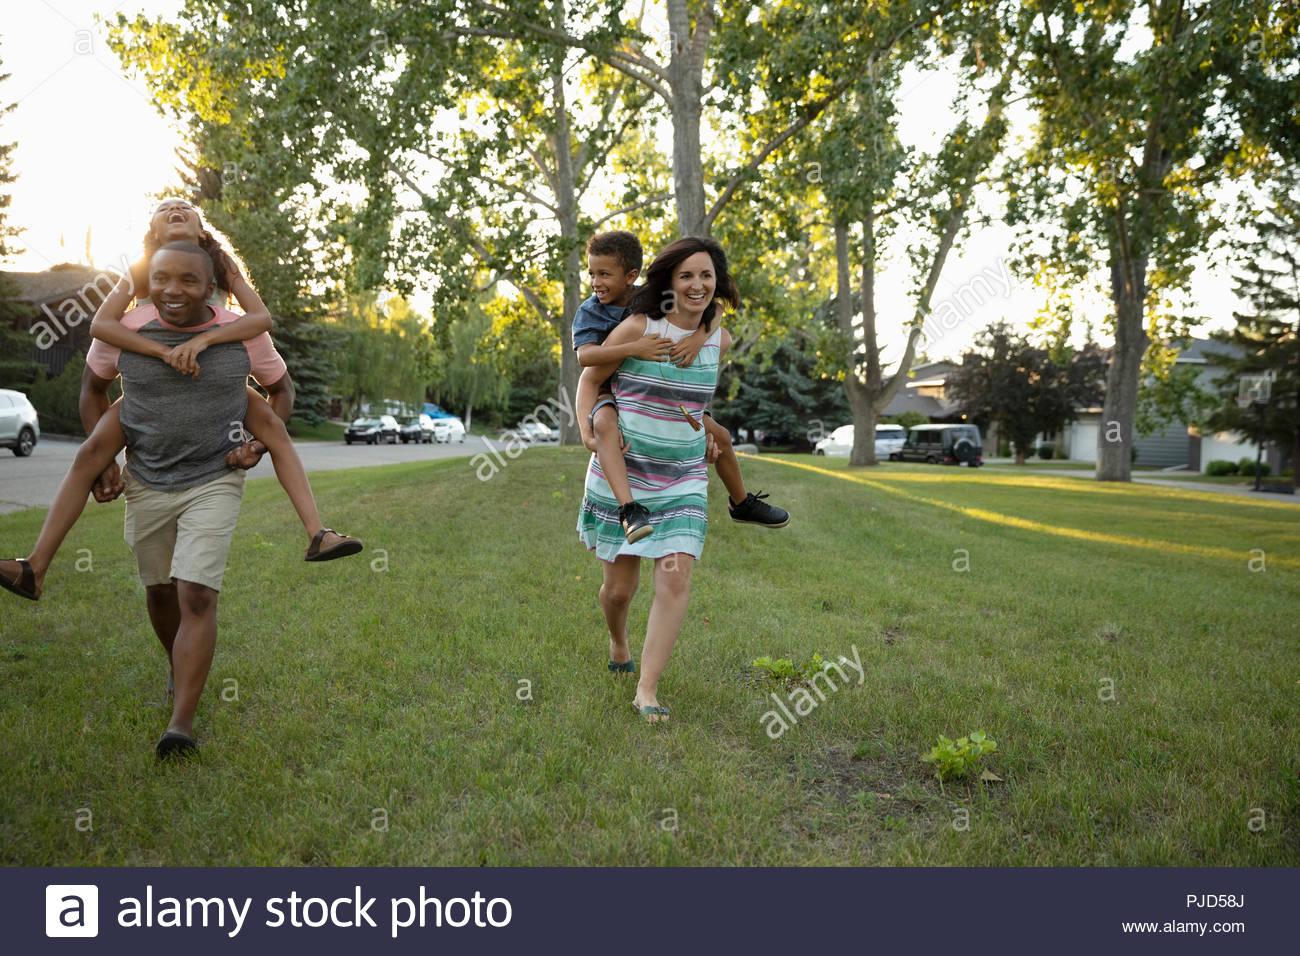 Les parents des enfants en greffant ludique park Photo Stock